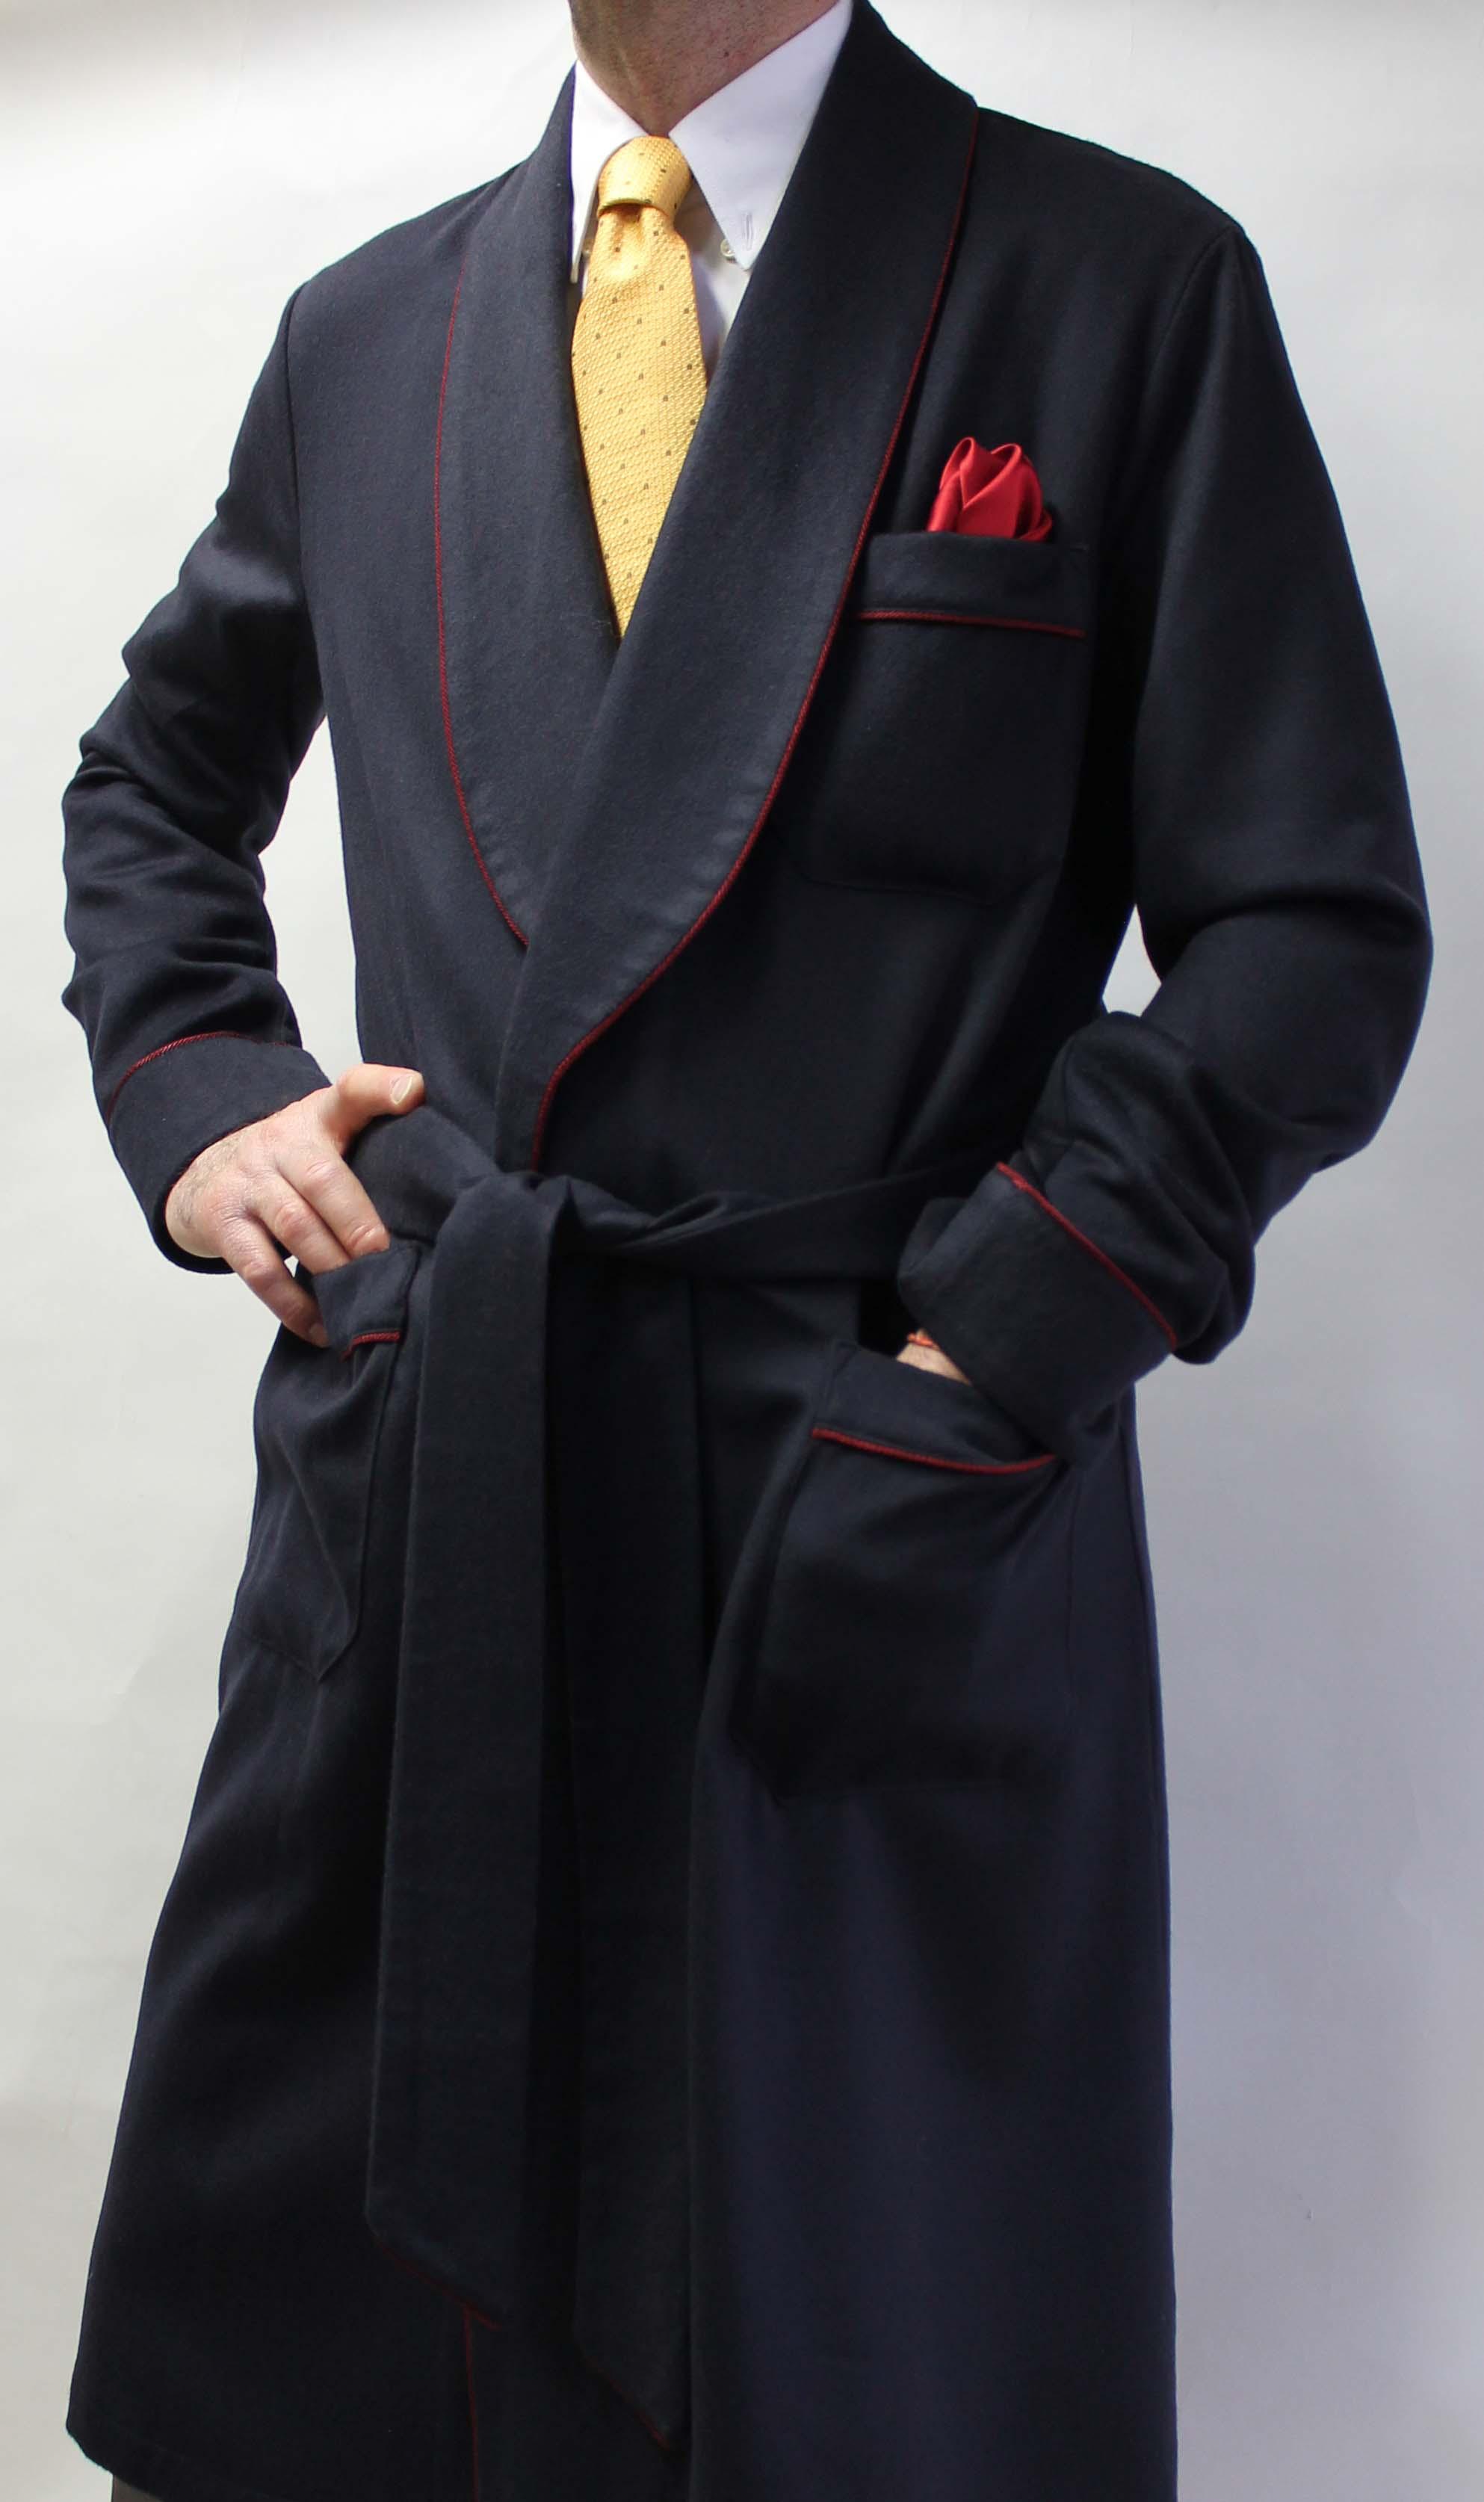 robe de chambre classique pour homme en 10 cachemire 90 laine avec doublure en soie twill. Black Bedroom Furniture Sets. Home Design Ideas